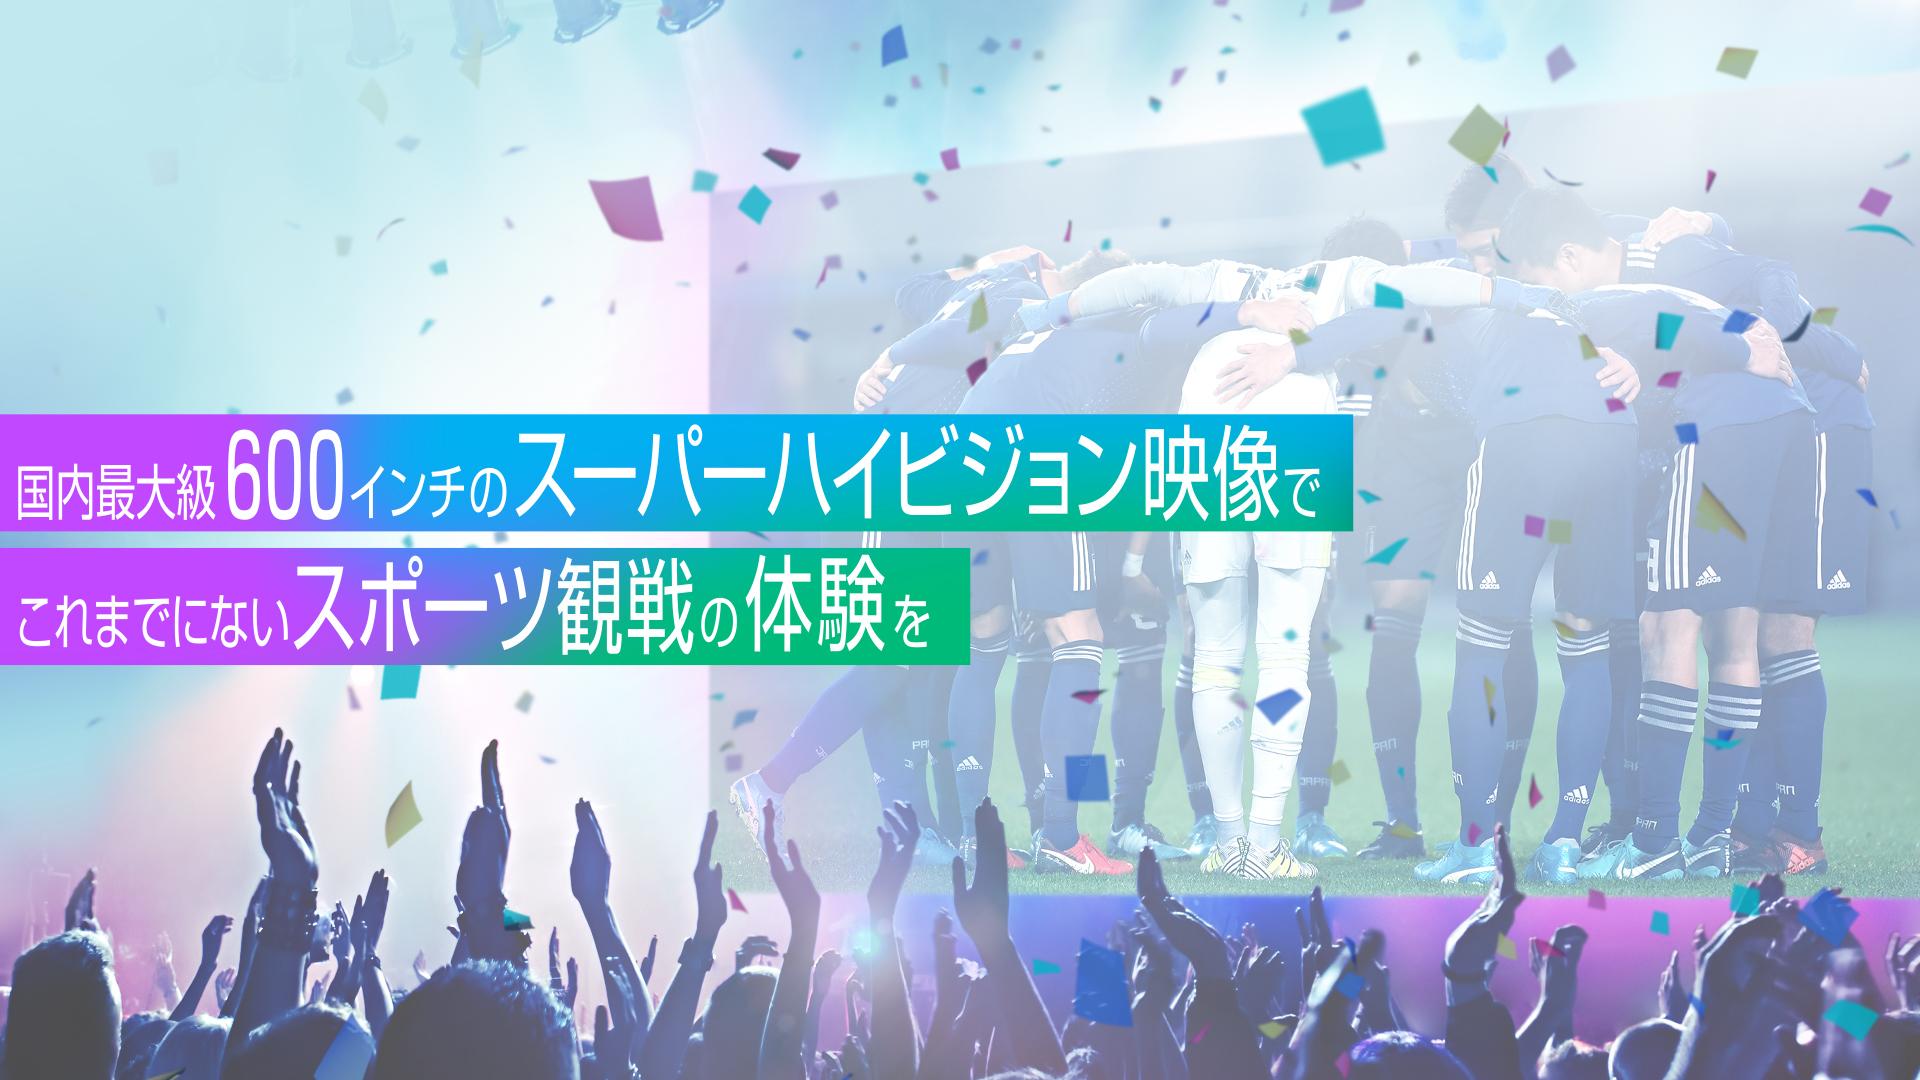 【2018FIFAワールドカップ】日本代表初戦を大画面パブリックビューイングで楽しもう!